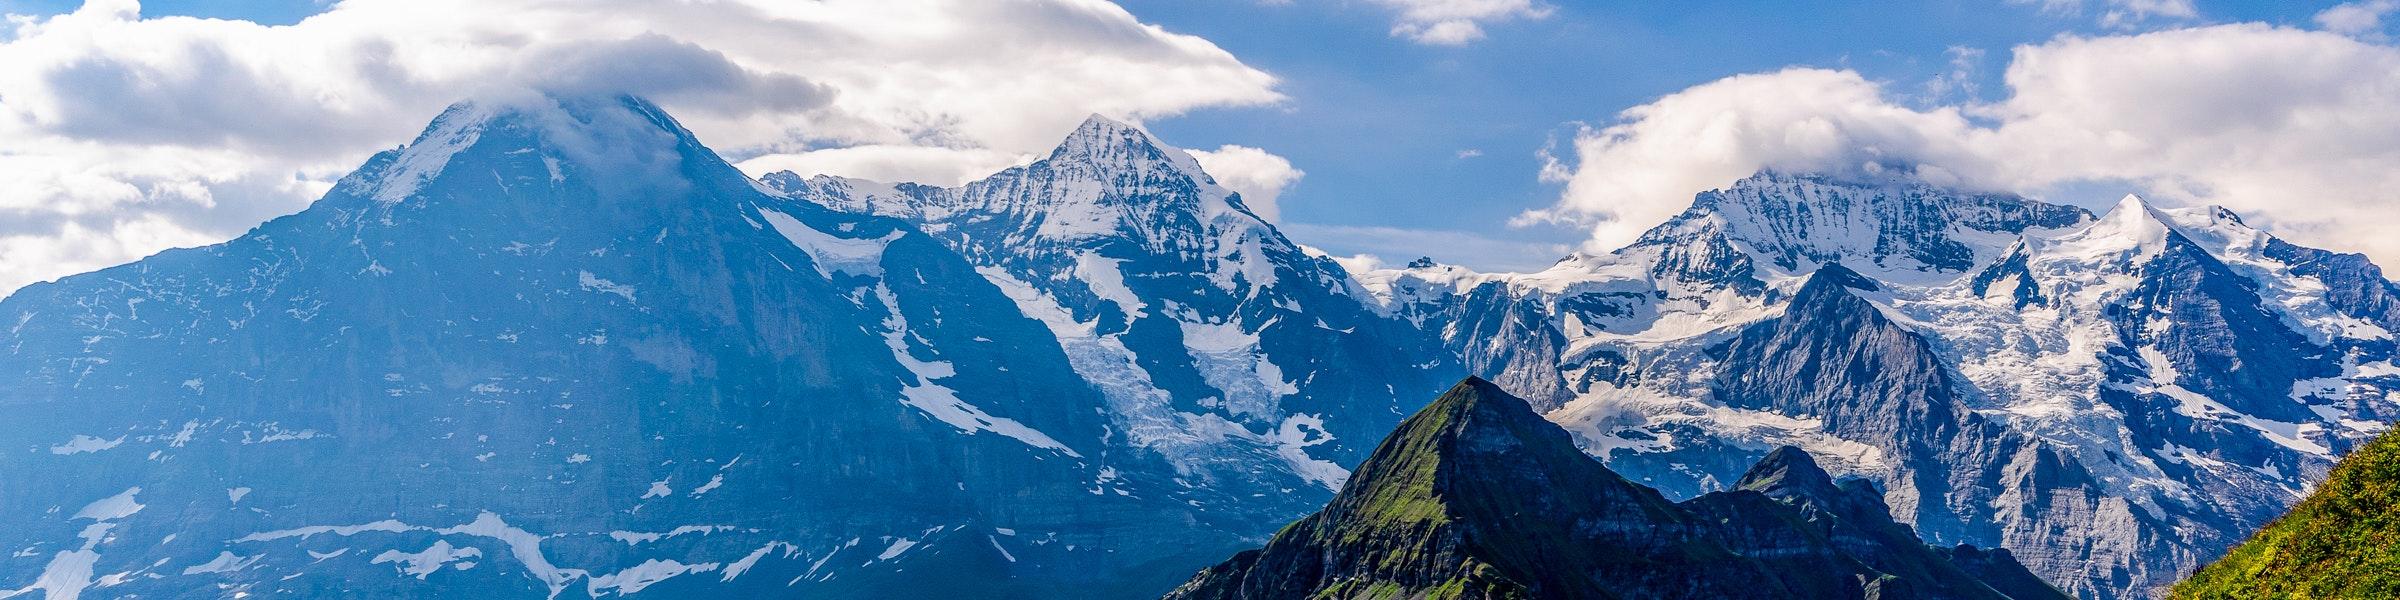 Eiger Mönch Jungfrau from Männlichen